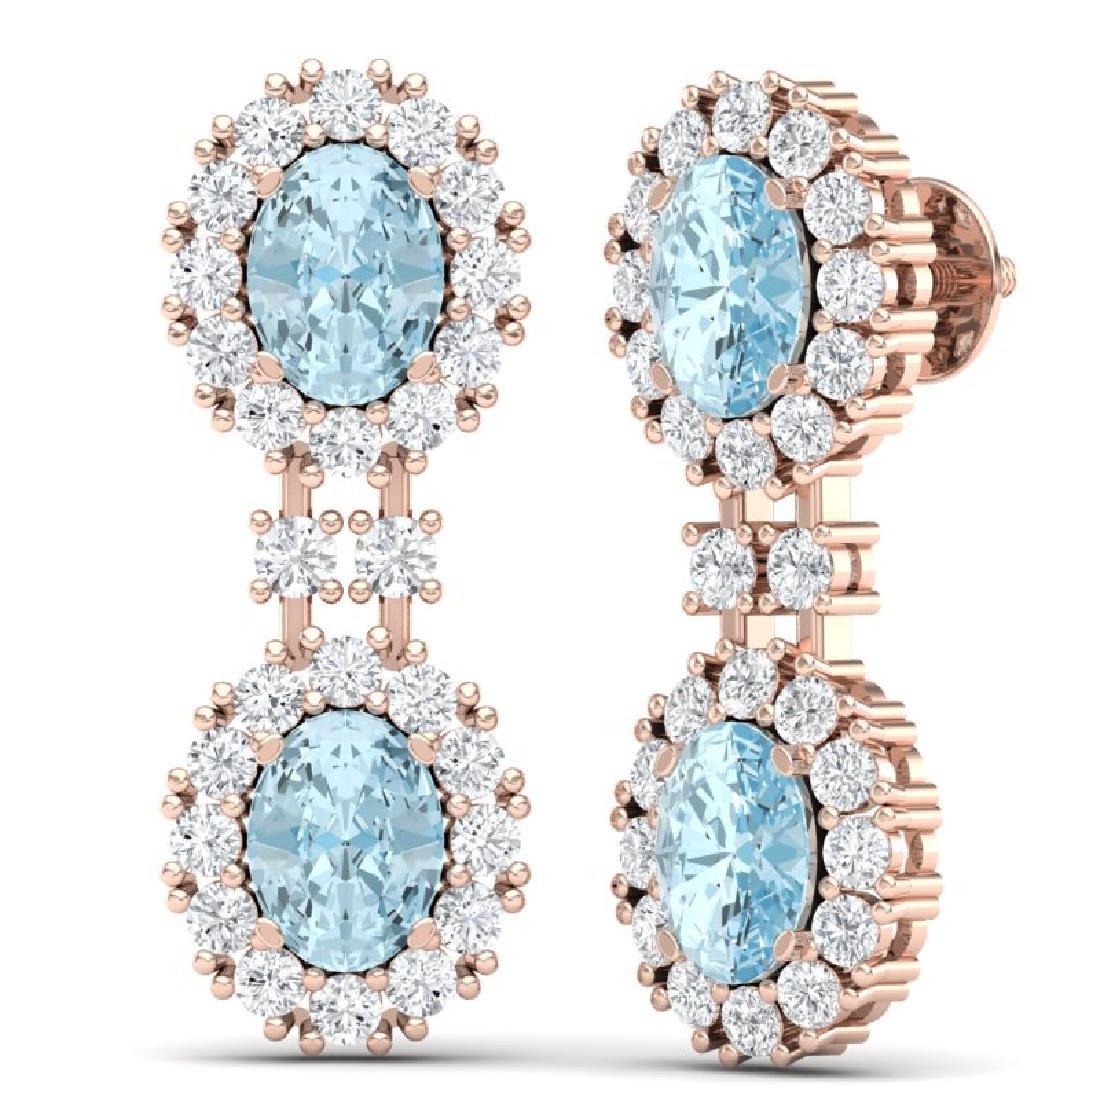 8.8 CTW Royalty Sky Topaz & VS Diamond Earrings 18K - 3